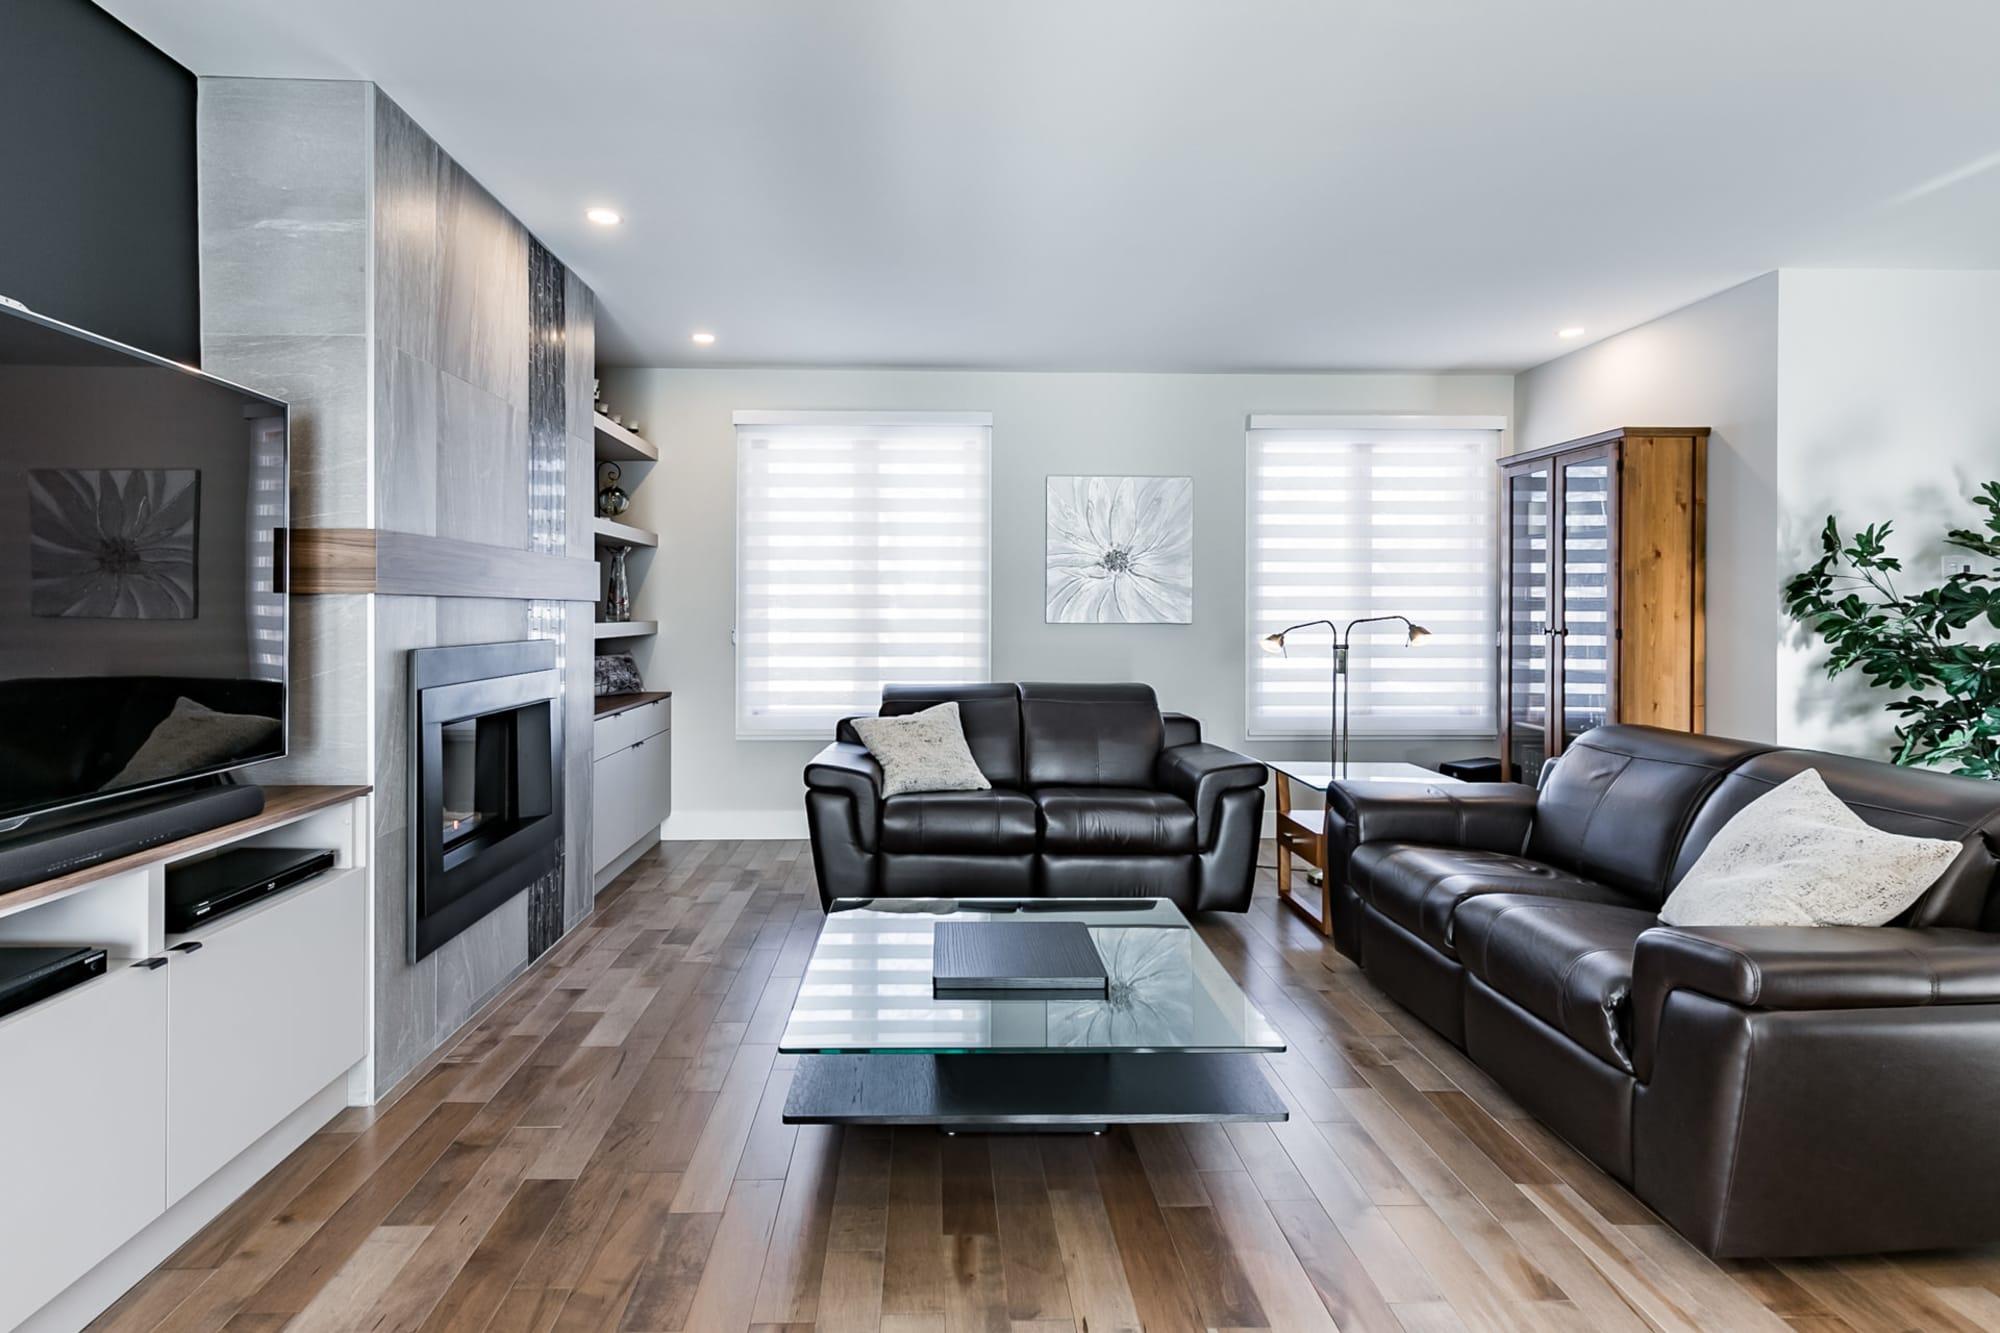 salon design avec plancher en bois franc, foyer et meuble sur mesure